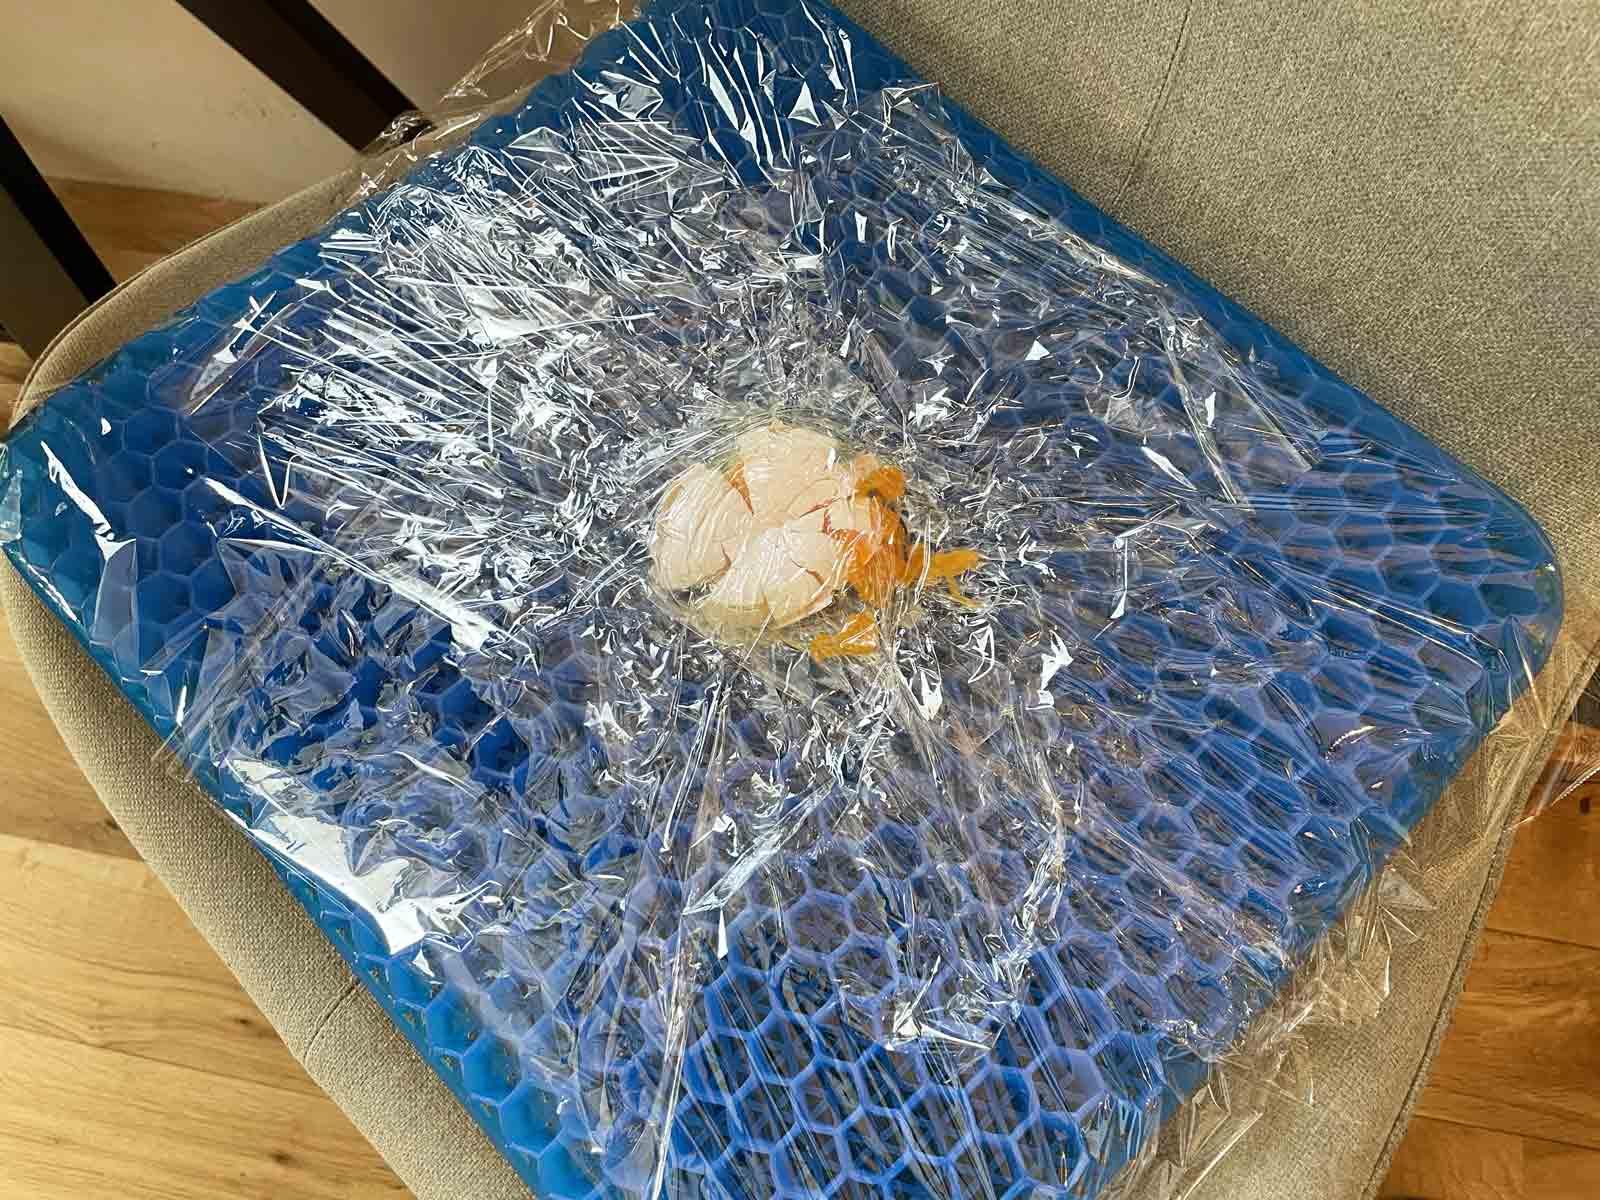 ドンキホーテのゲルクッションに生卵をセットして座ると卵は割れる